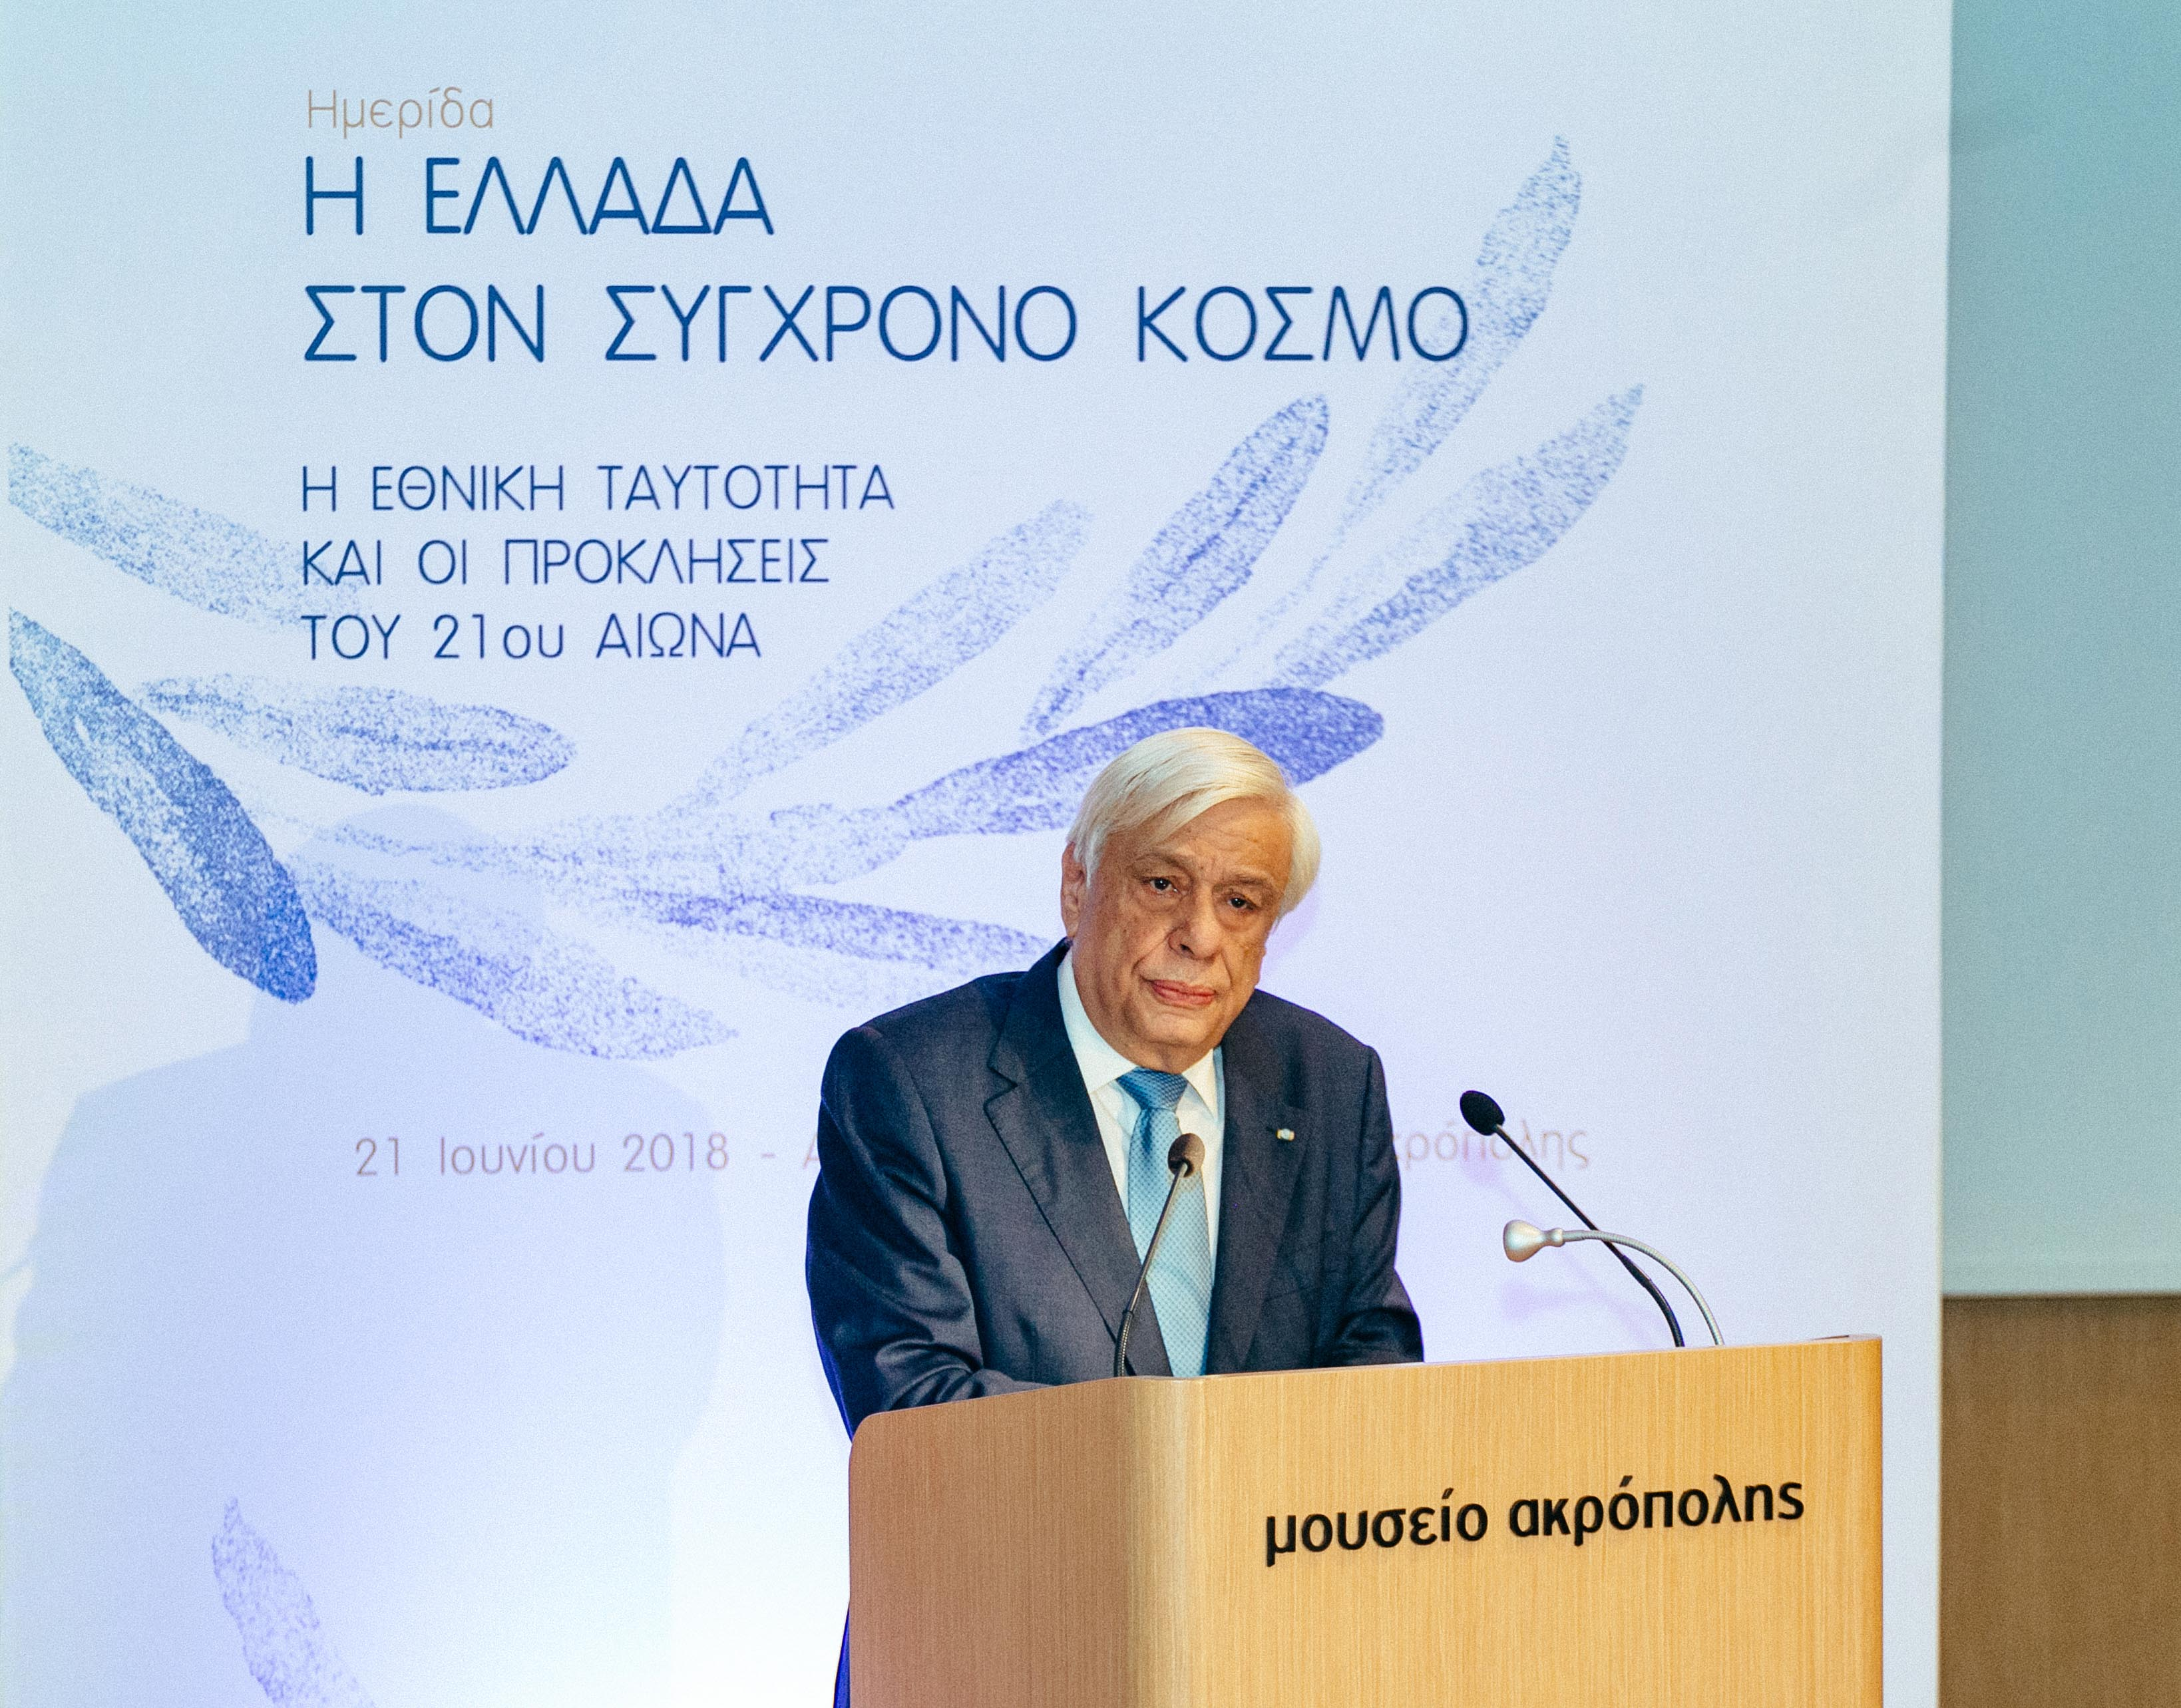 o-pr-paylopoylos-se-imerida-gia-tin-i-ellada-ston-sygchrono-kosmo-apo-to-idryma-marianna-v-vardinogianni3